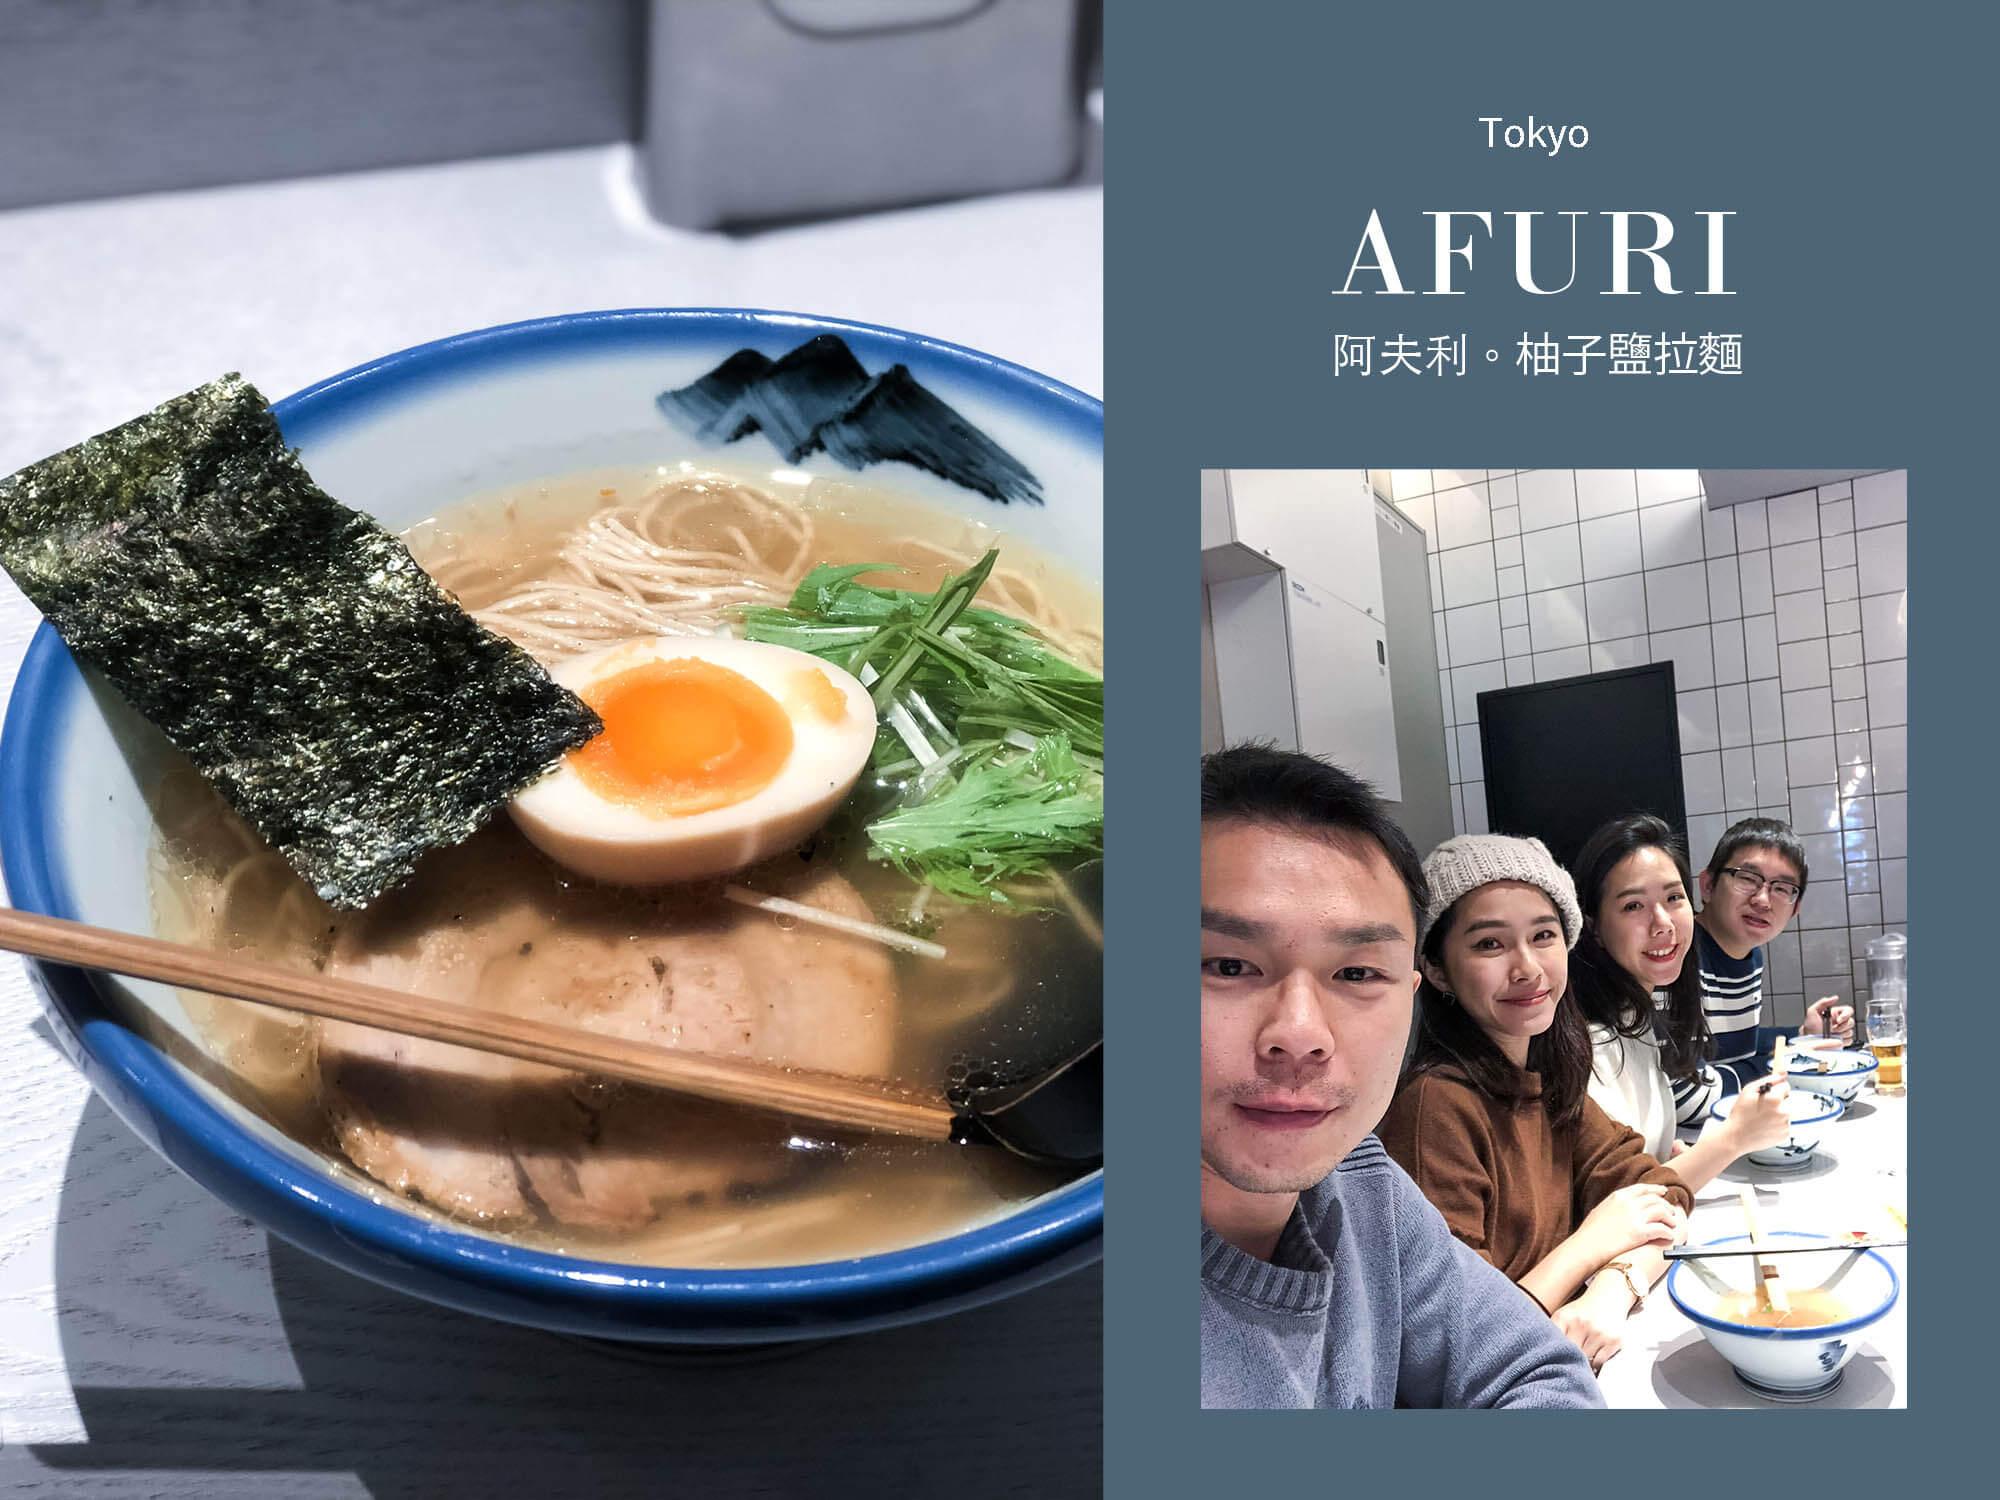 東京必吃拉麵|女生都會愛的AFURI阿夫利柚子鹽拉麵,超清爽的無負擔口感(含各門市資訊)